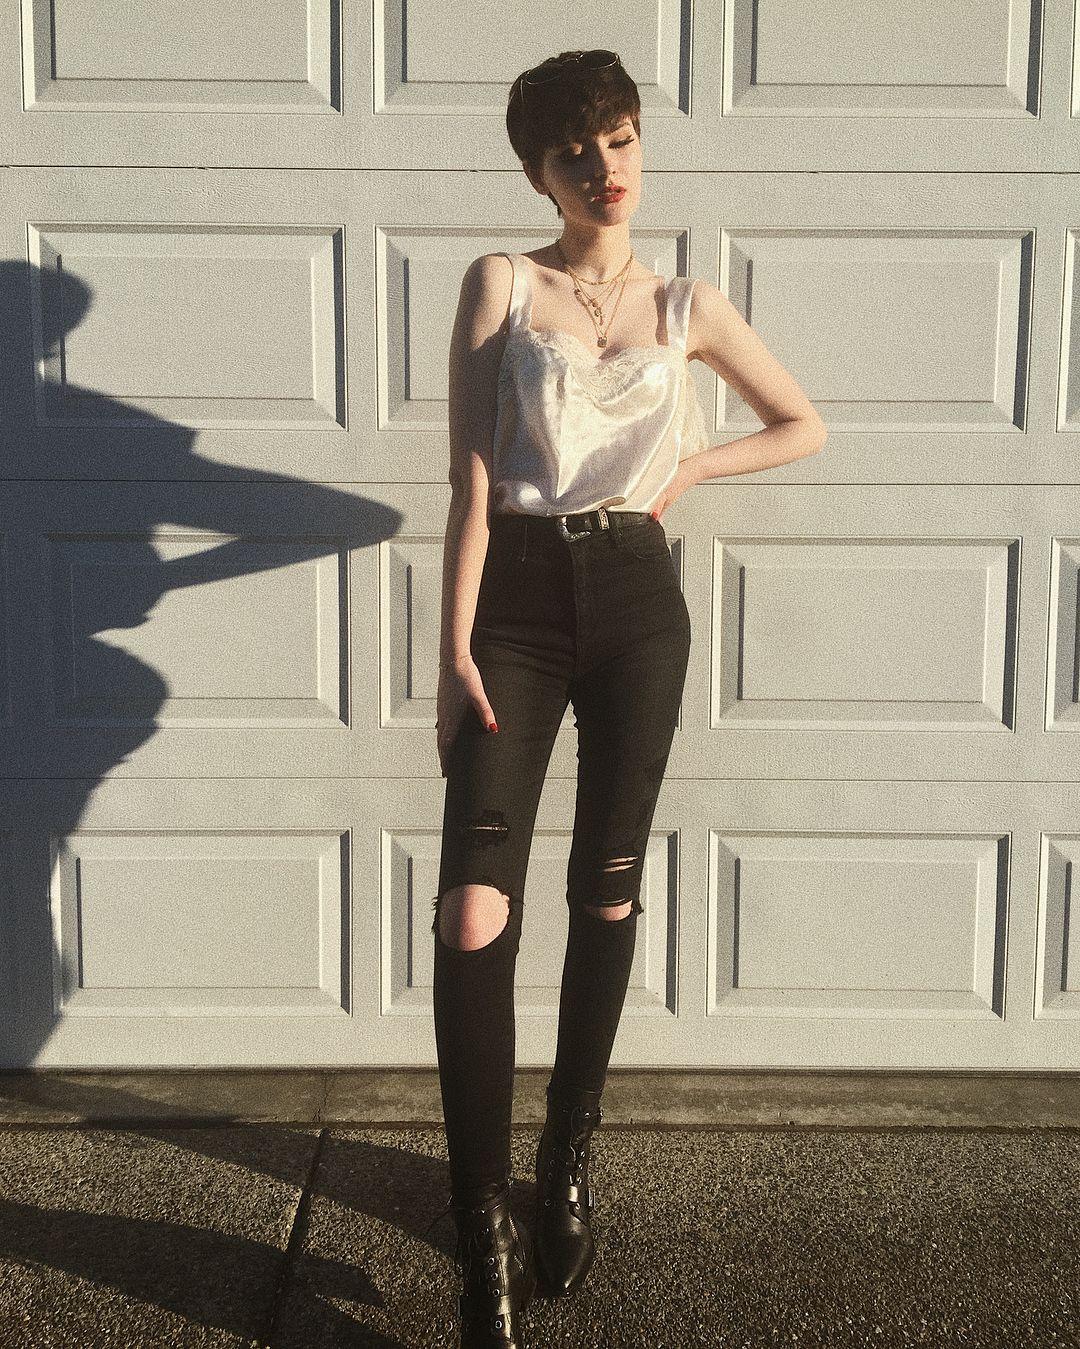 A Imagem Pode Conter Uma Ou Mais Pessoas Pessoas Em Pe Sapatos E Atividades Ao Ar Livre Pixie Outfit Short Hair Outfits Cute Outfits